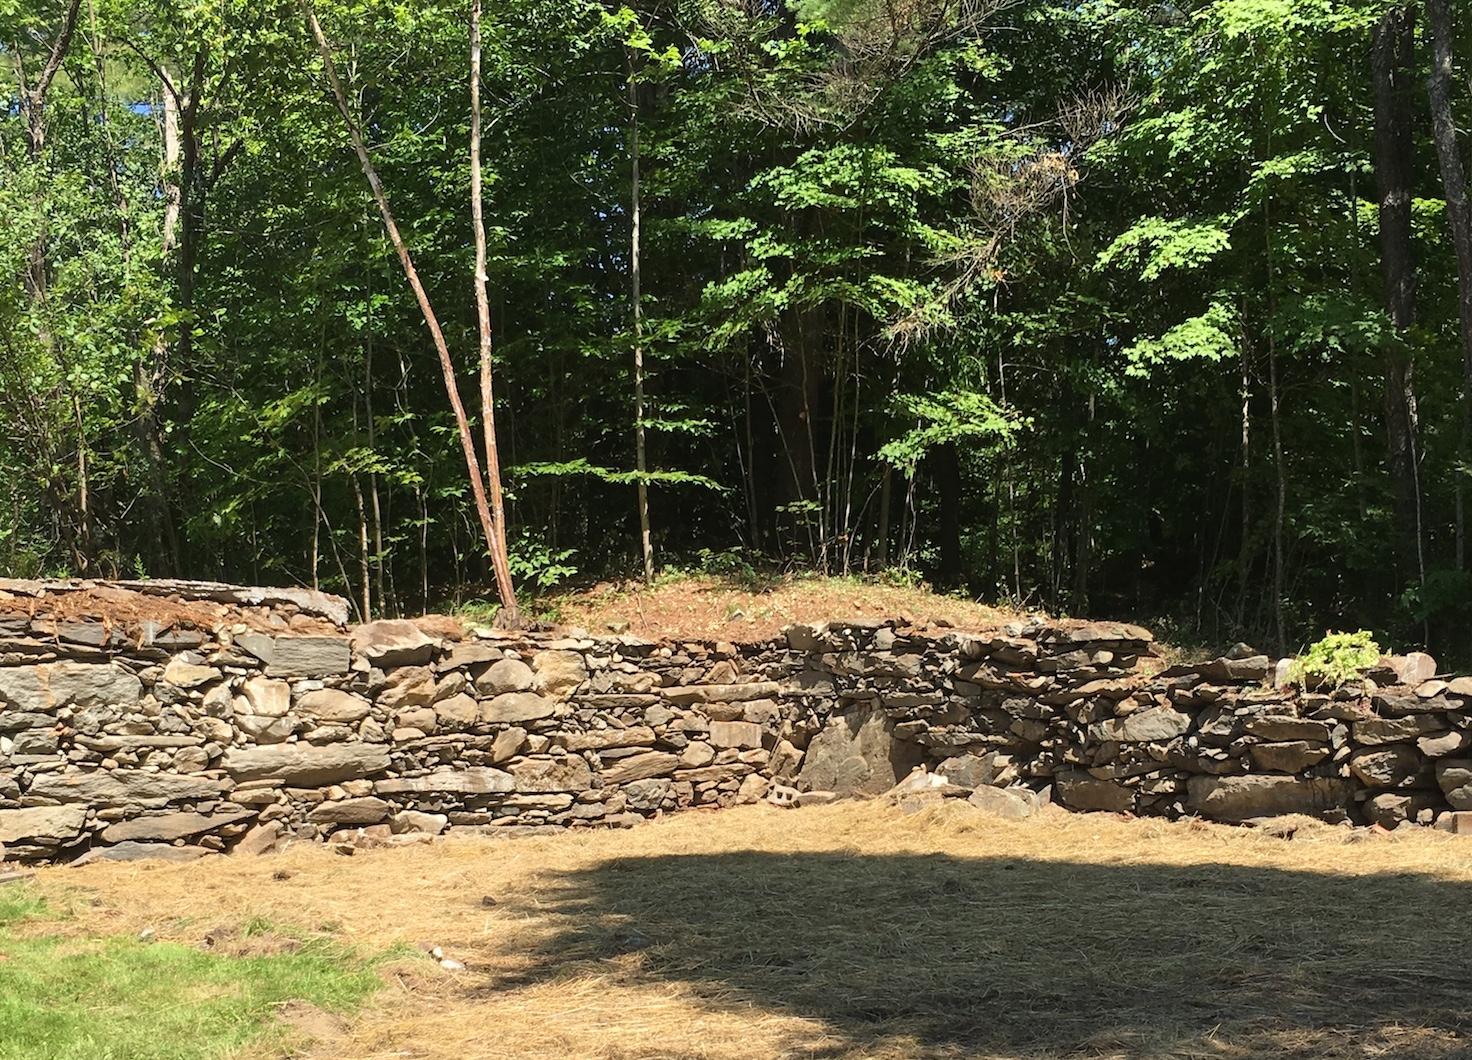 The Stone Wall by Dena T Bray